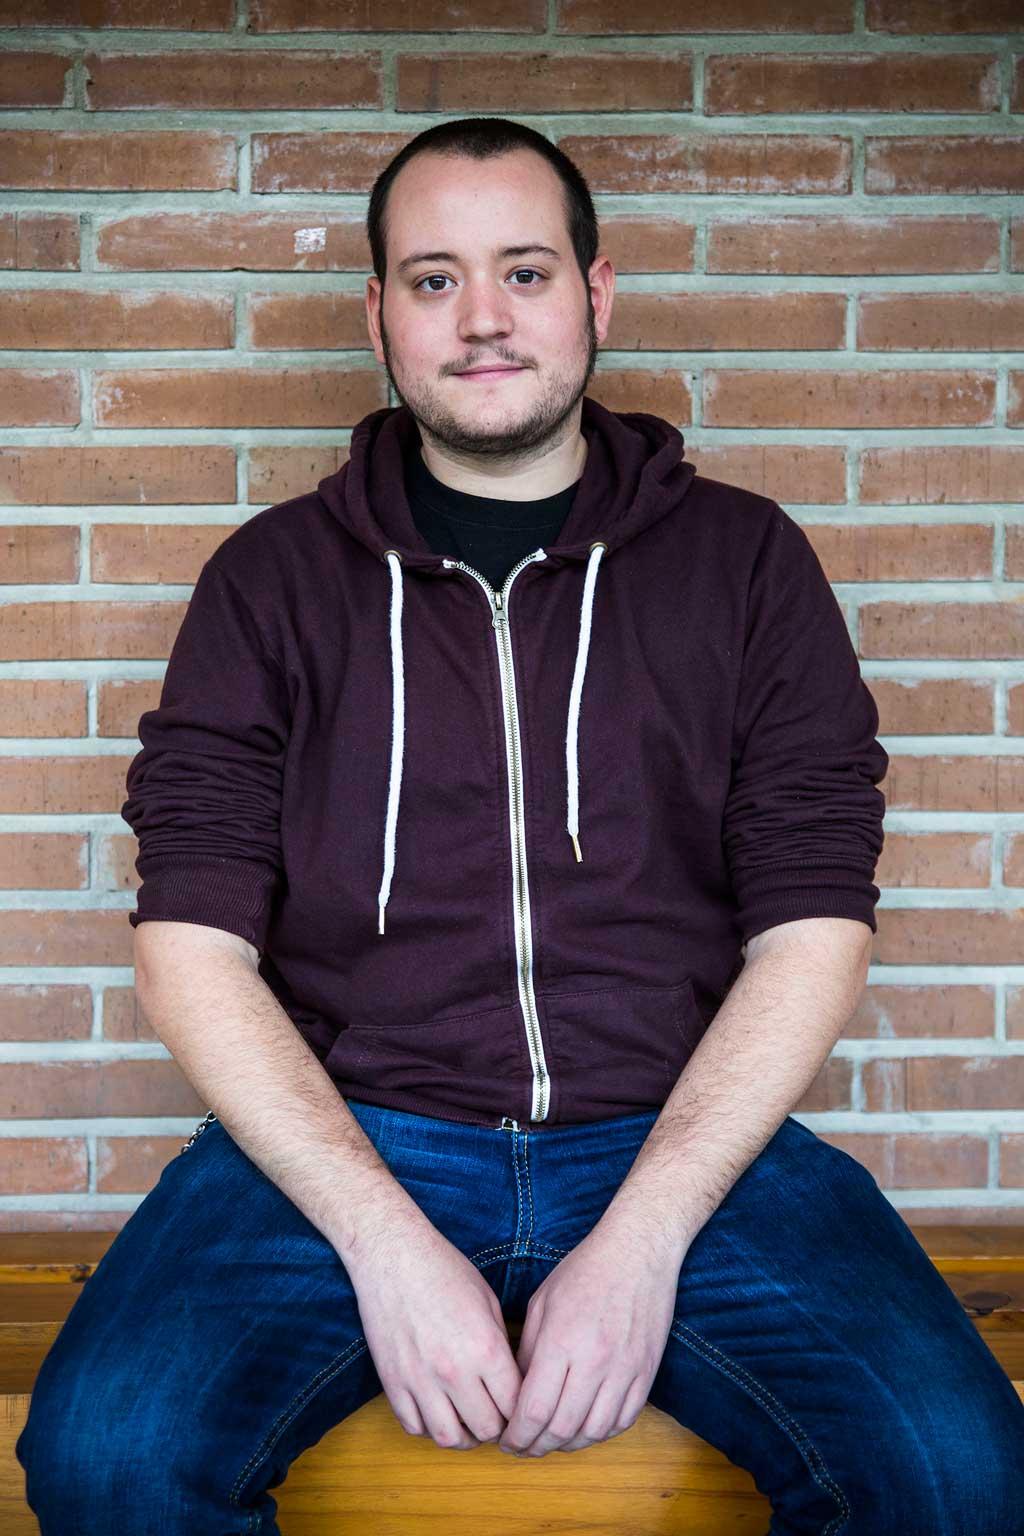 Hèctor Cuenca, estudiant d'Història. Pertany al Sindicat d'Estudiants dels Països Catalans (SEPC) i és membre del Consell de Govern. Foto: Miguel Lorenzo.